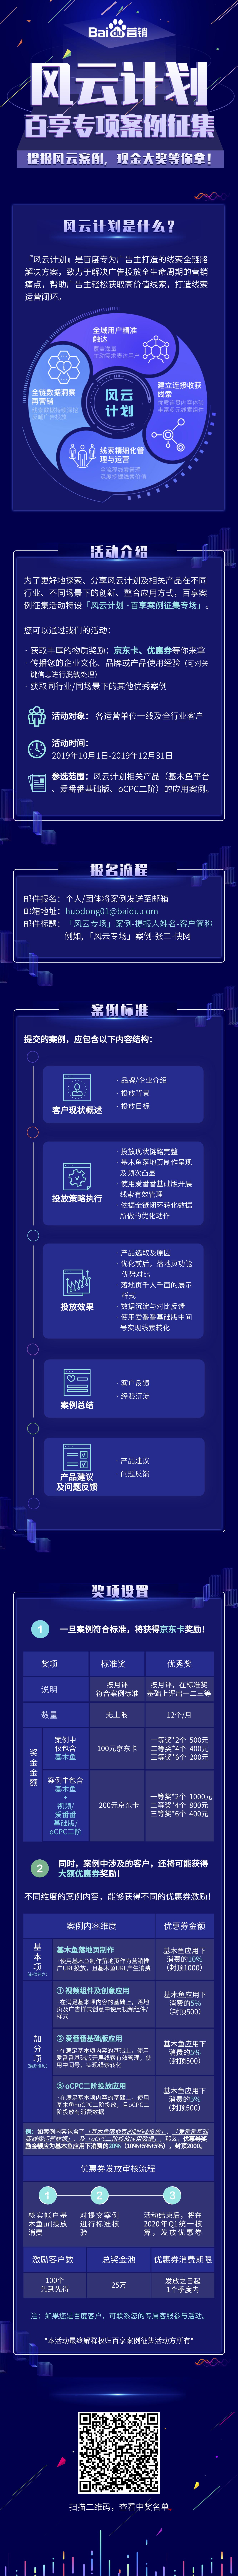 终版-风云百享活动长图.png